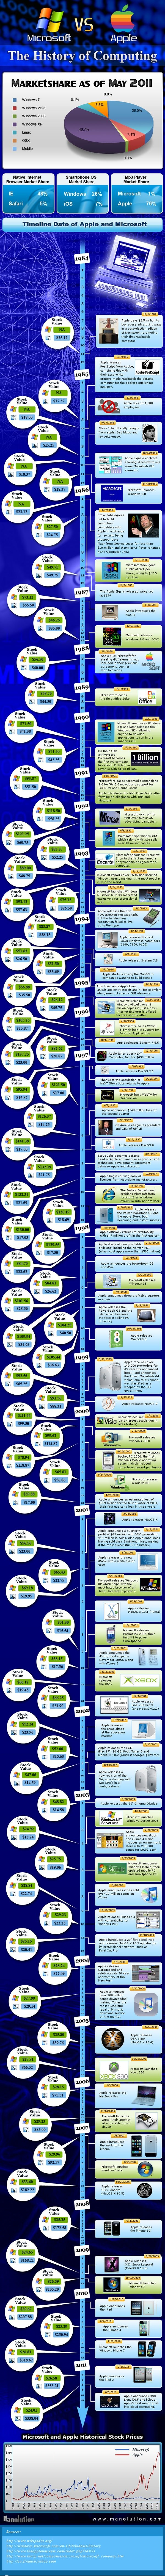 La Historia de Apple vs Microsoft [Infografía] - apple-vs-microsoft-infographic